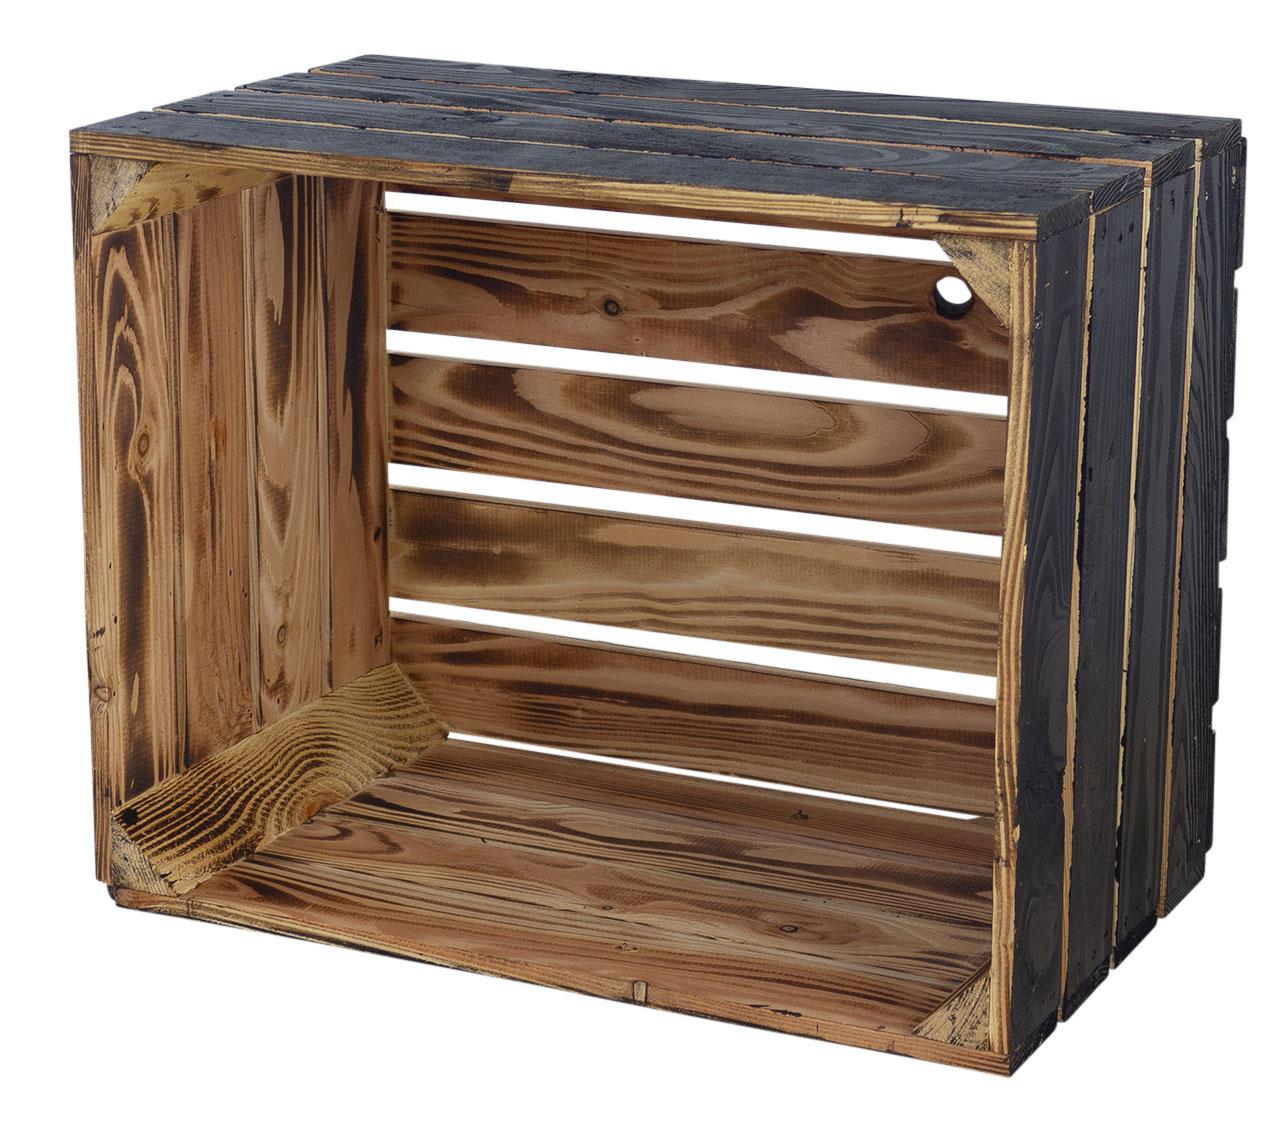 Holzkiste außen schwarz innen geflammt 50x40x30cm